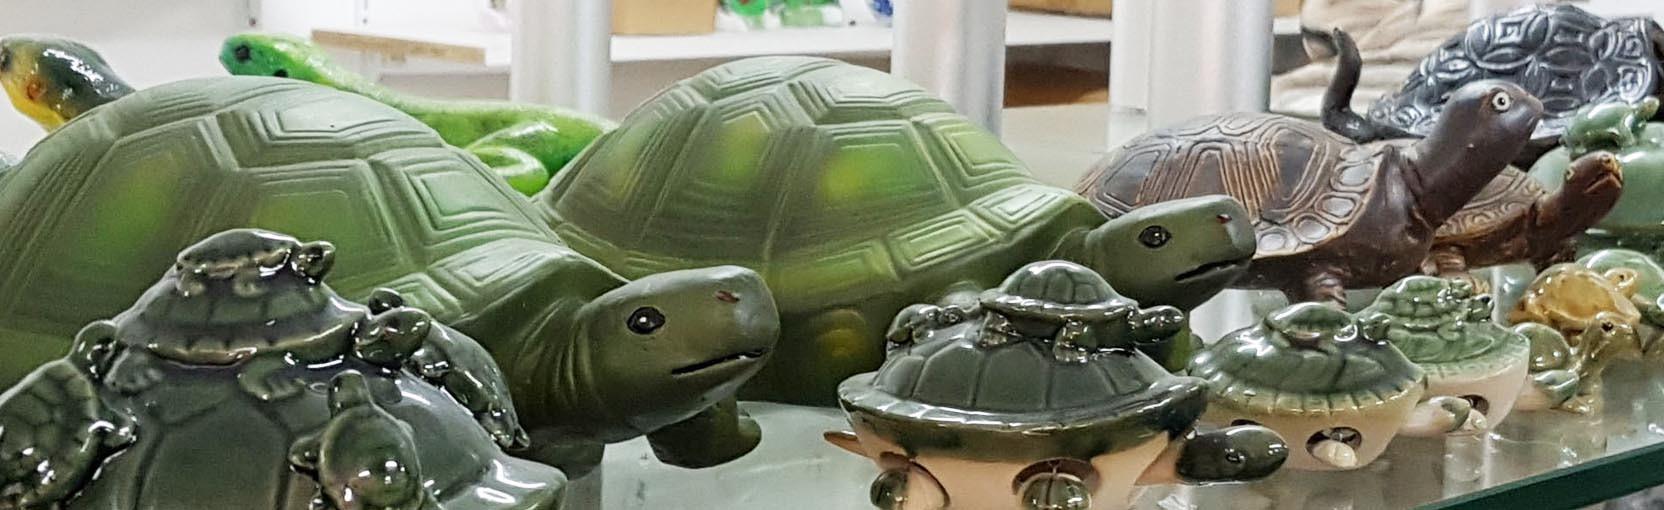 Retrouvez nos tortues en terre cuite et porcelaine sur Oriental-Import.com!